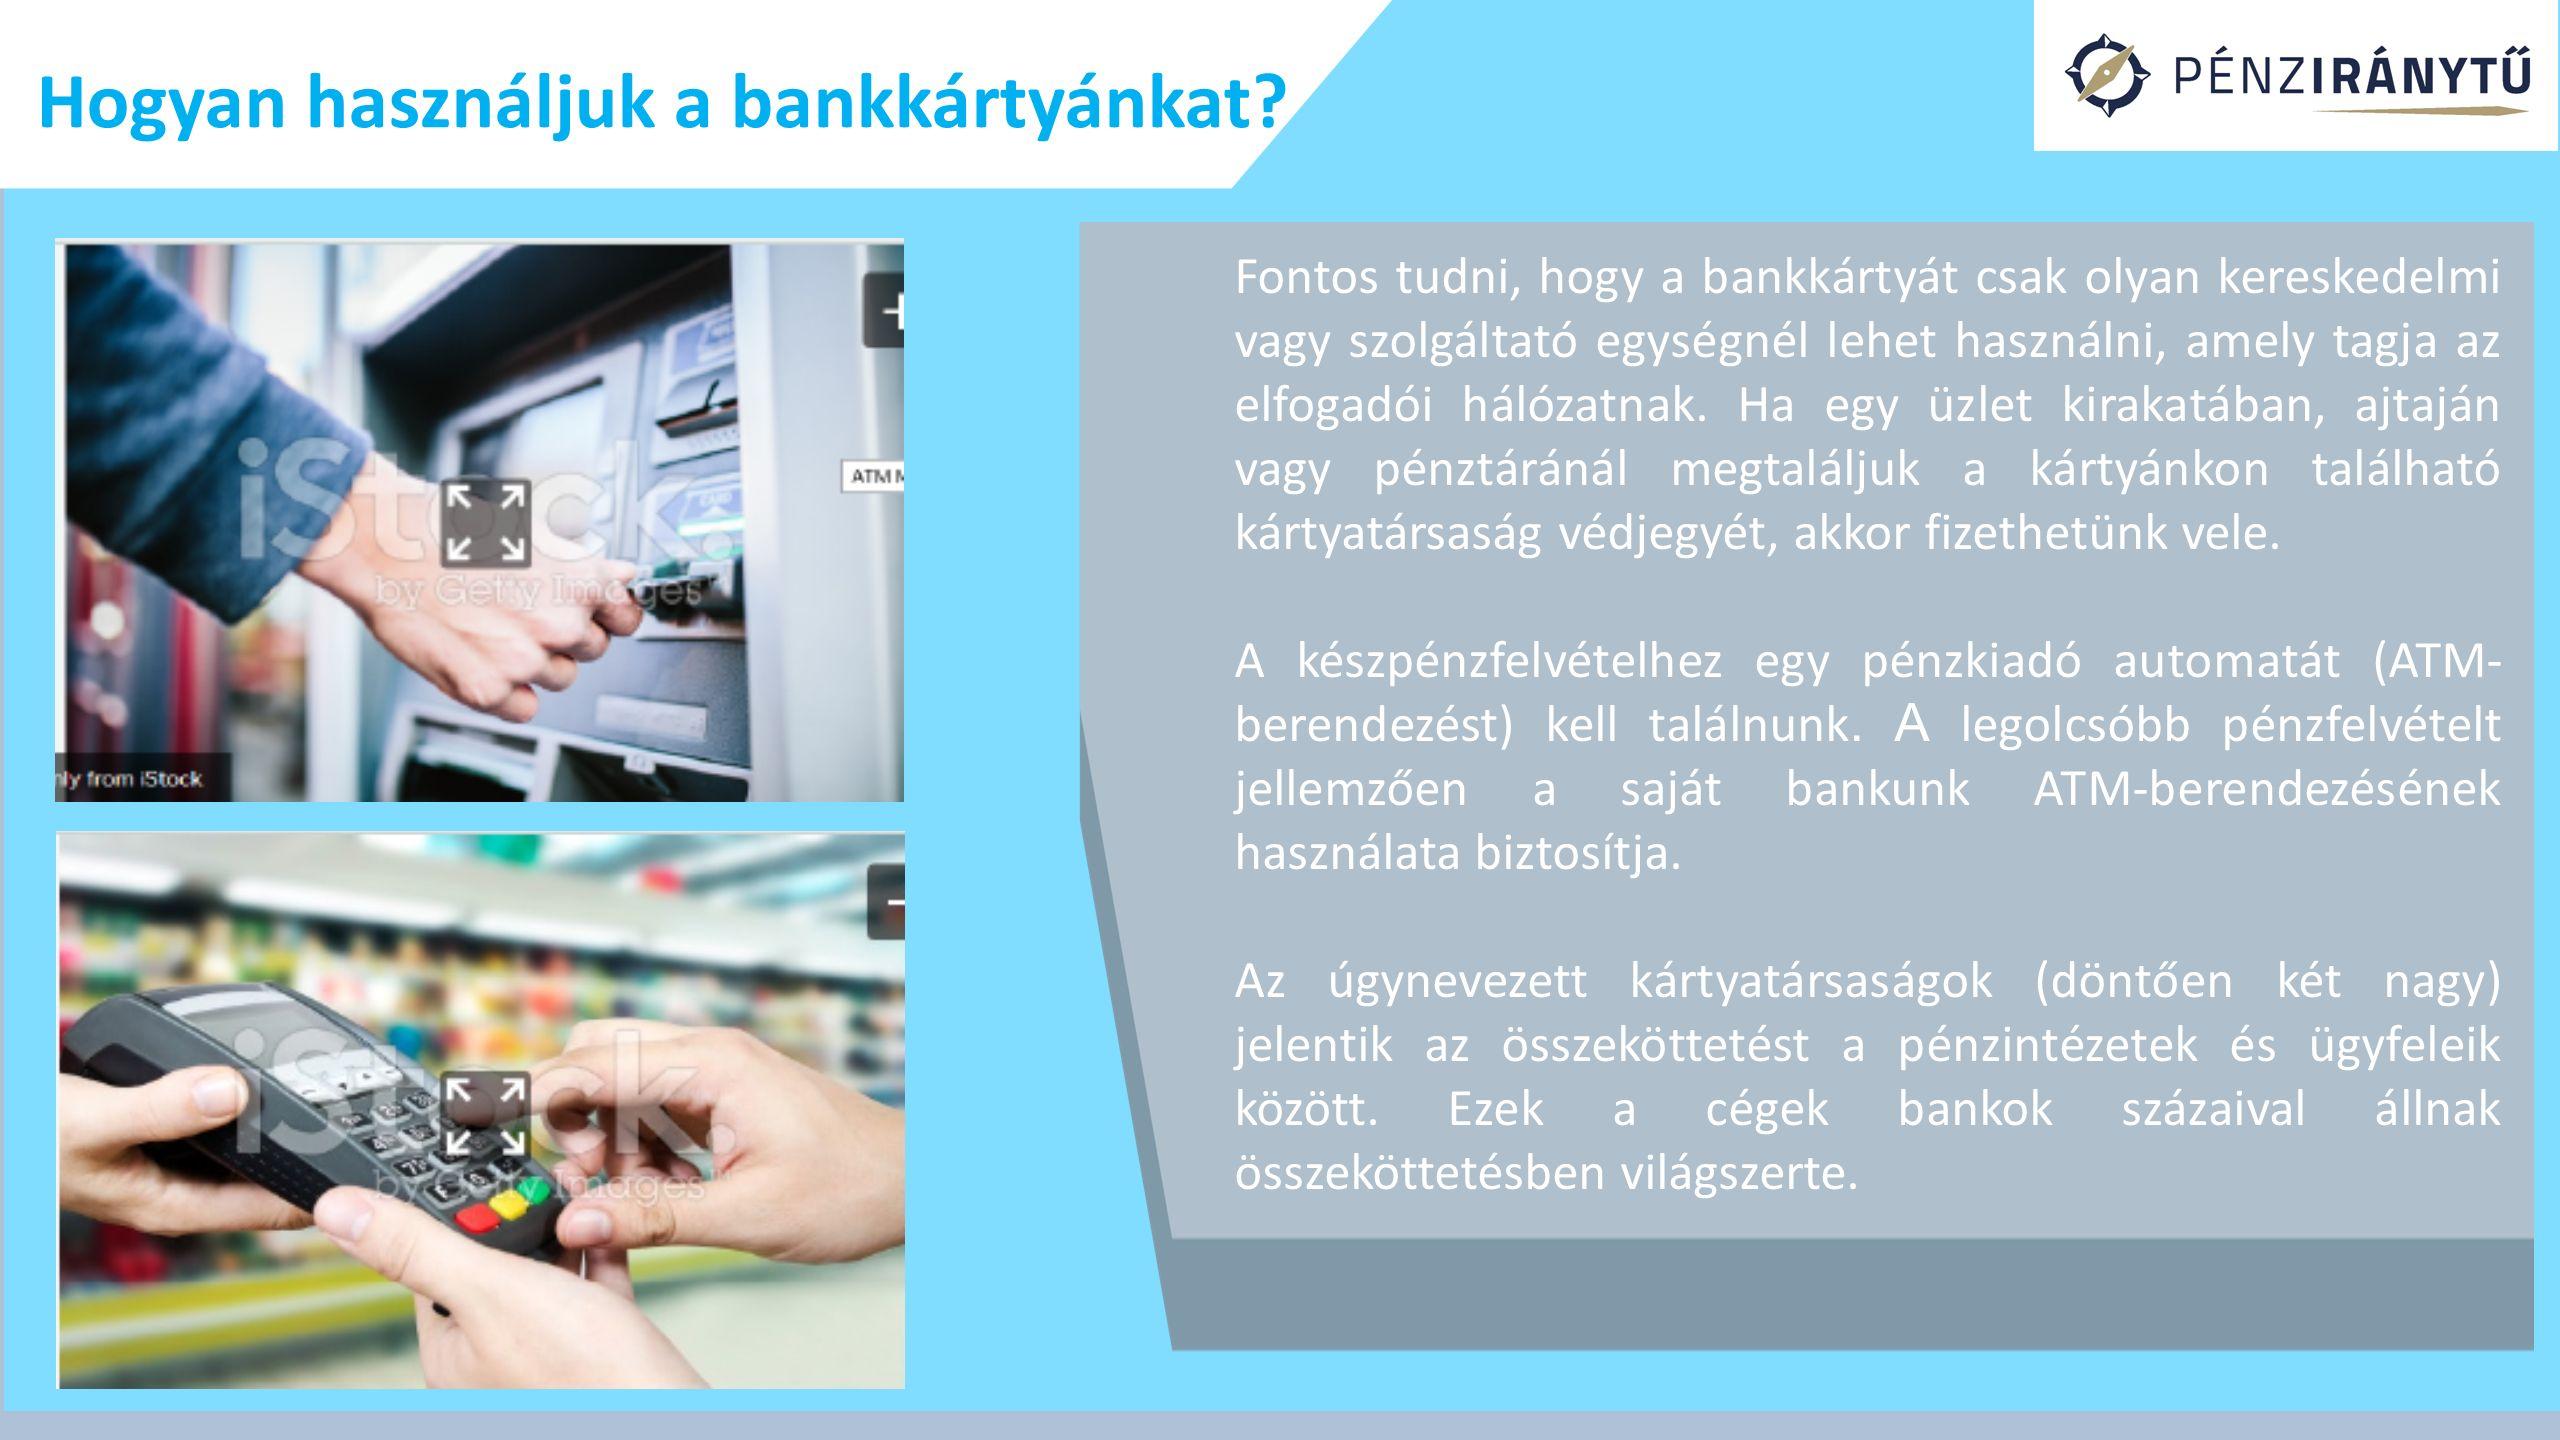 Hogyan használjuk a bankkártyánkat